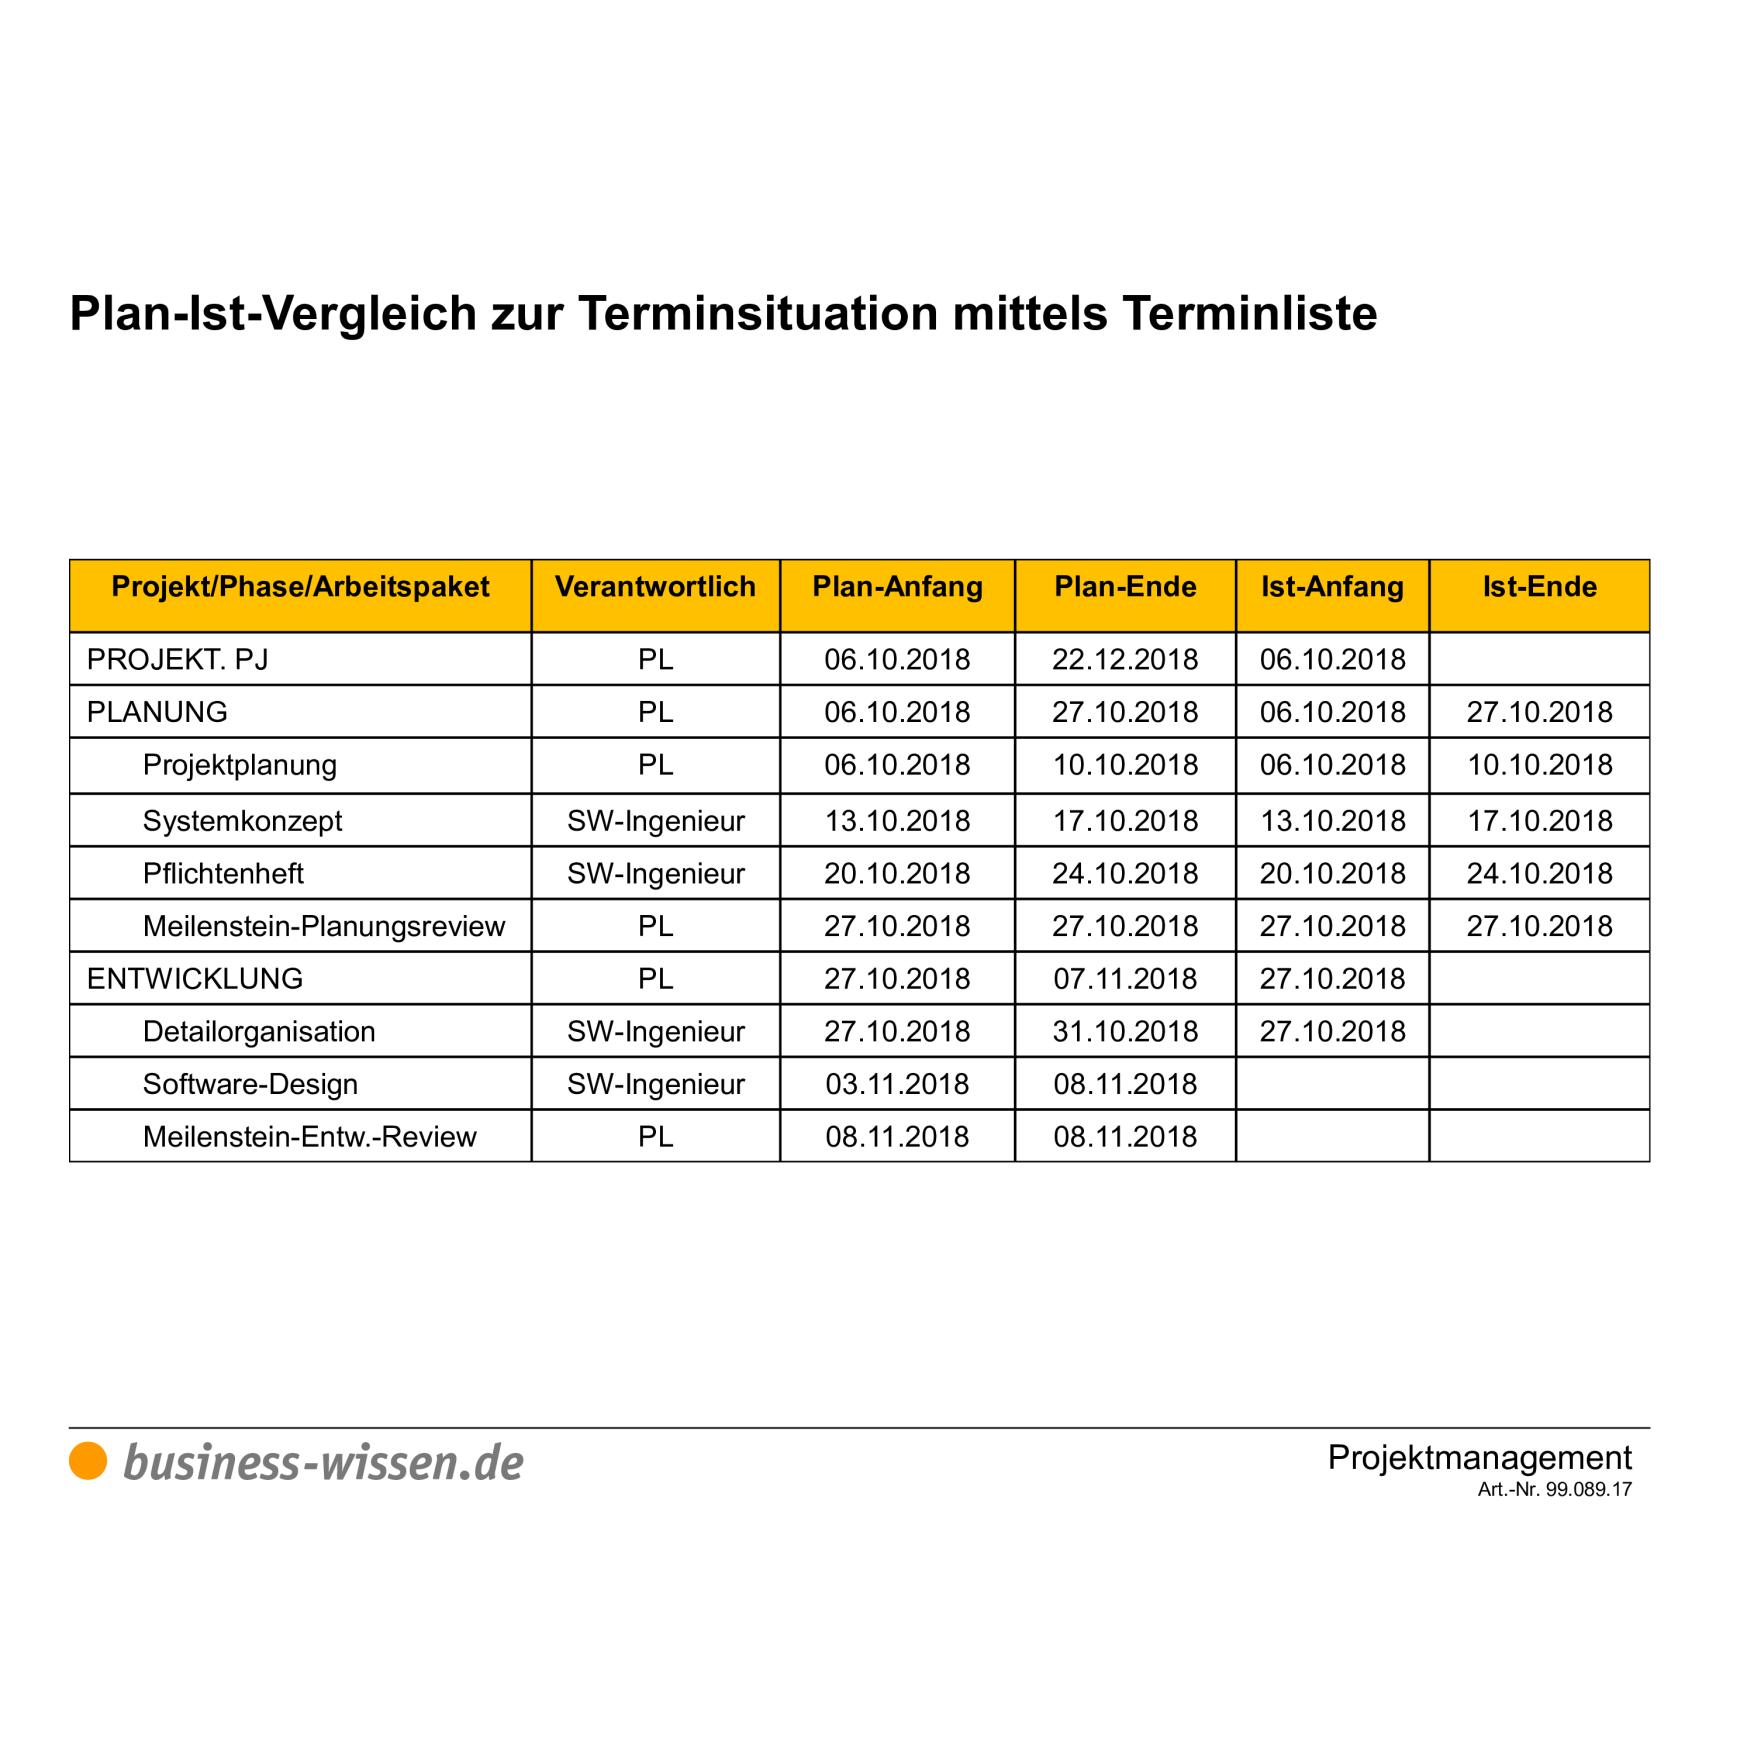 Plan Ist Vergleich Zur Terminsituation Im Projekt Vorlage Business Wissen De